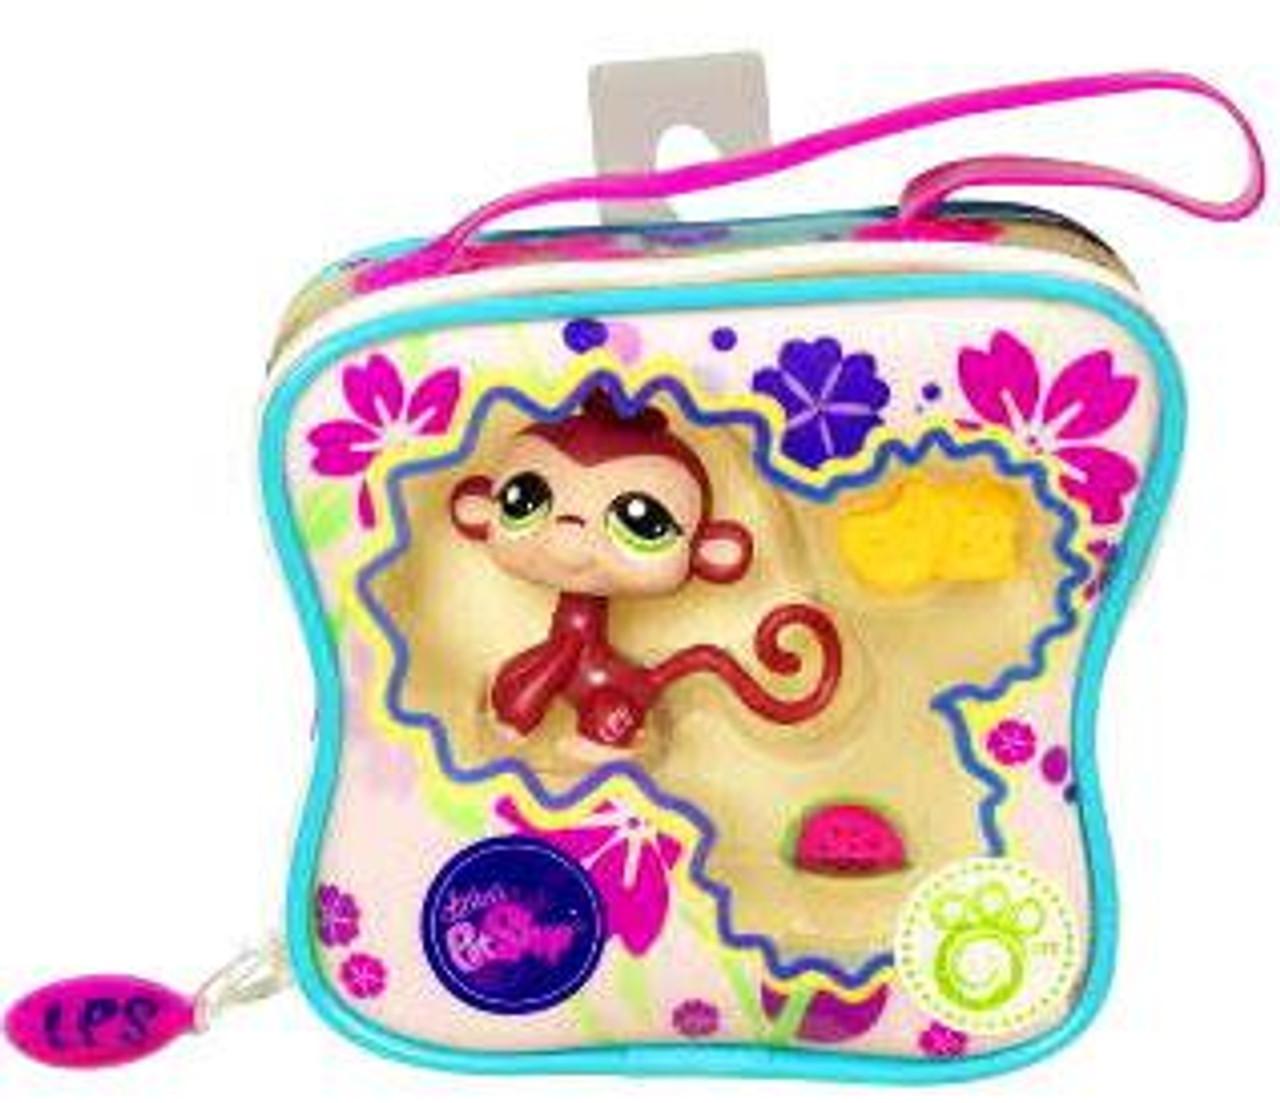 Littlest Pet Shop Monkey Purse Carry Case